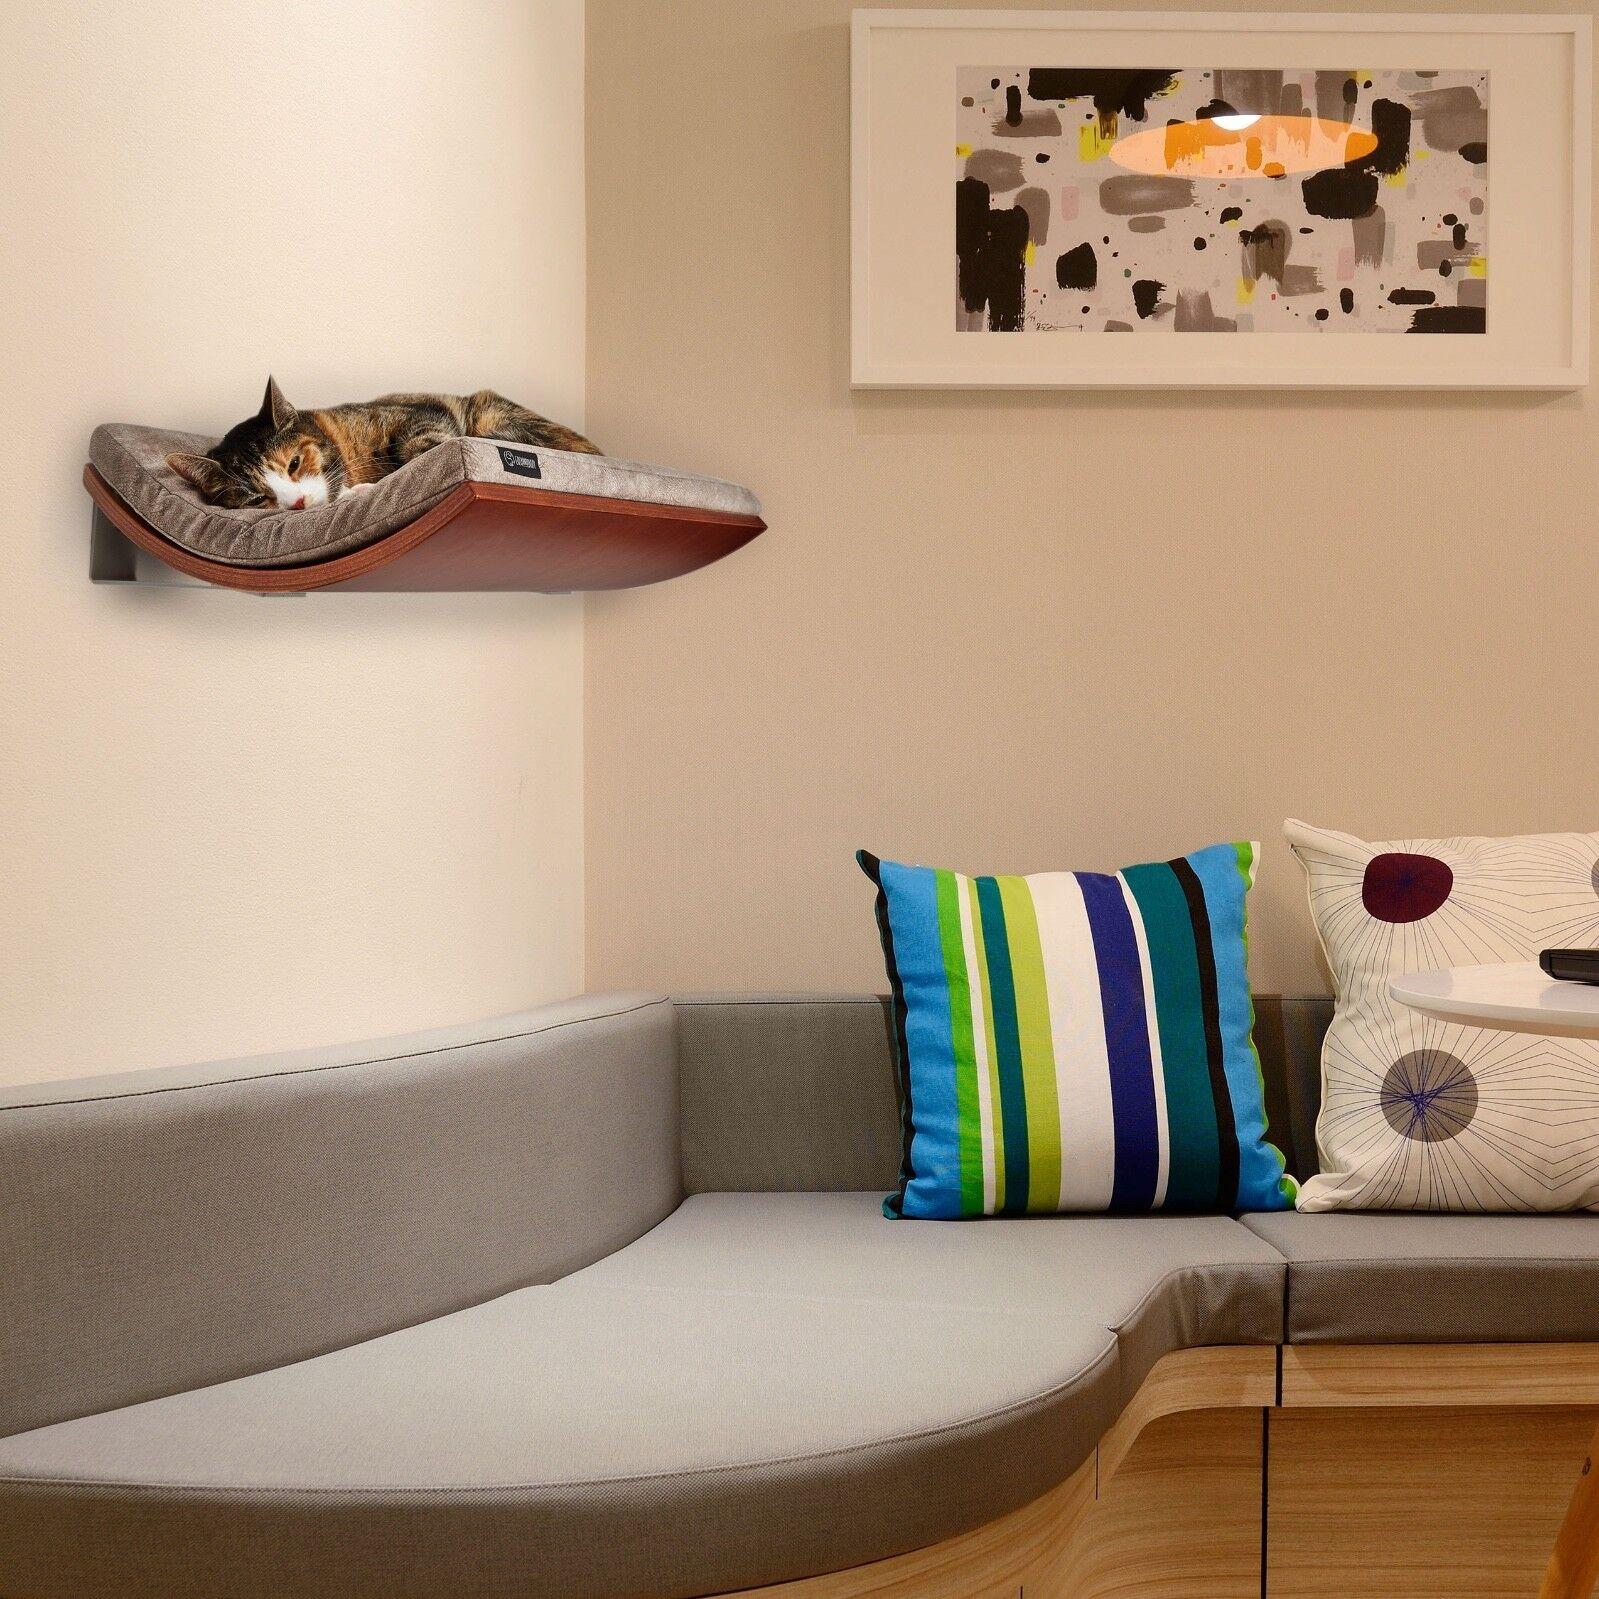 FREE SHIPPING -U.S. Cat perch, Cat bed, Cat furniture, Designer cat shelf